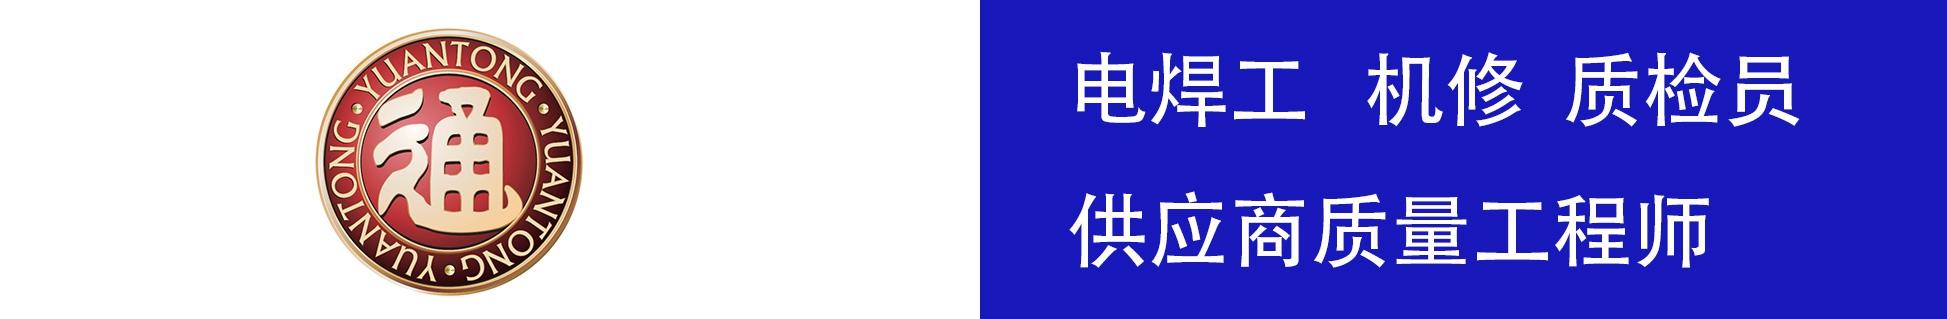 浙江元通座椅有限公司_钱塘人力网